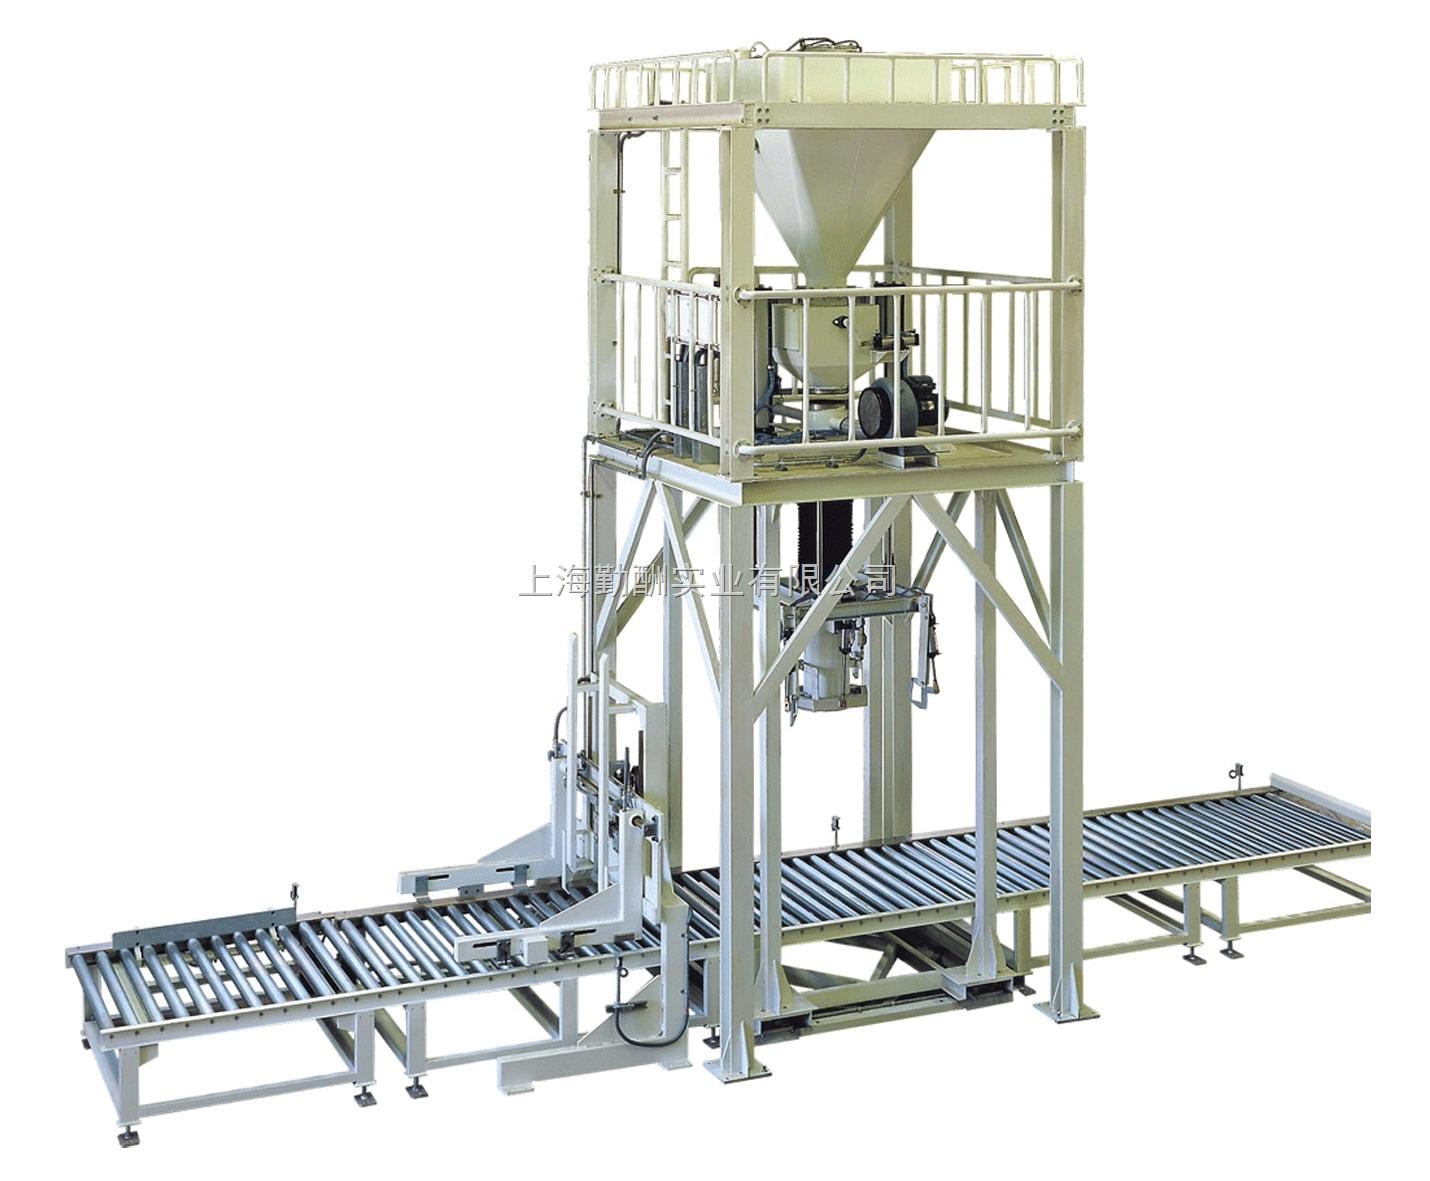 吨装袋定量包装秤  上海厂家直销定量电子包装秤